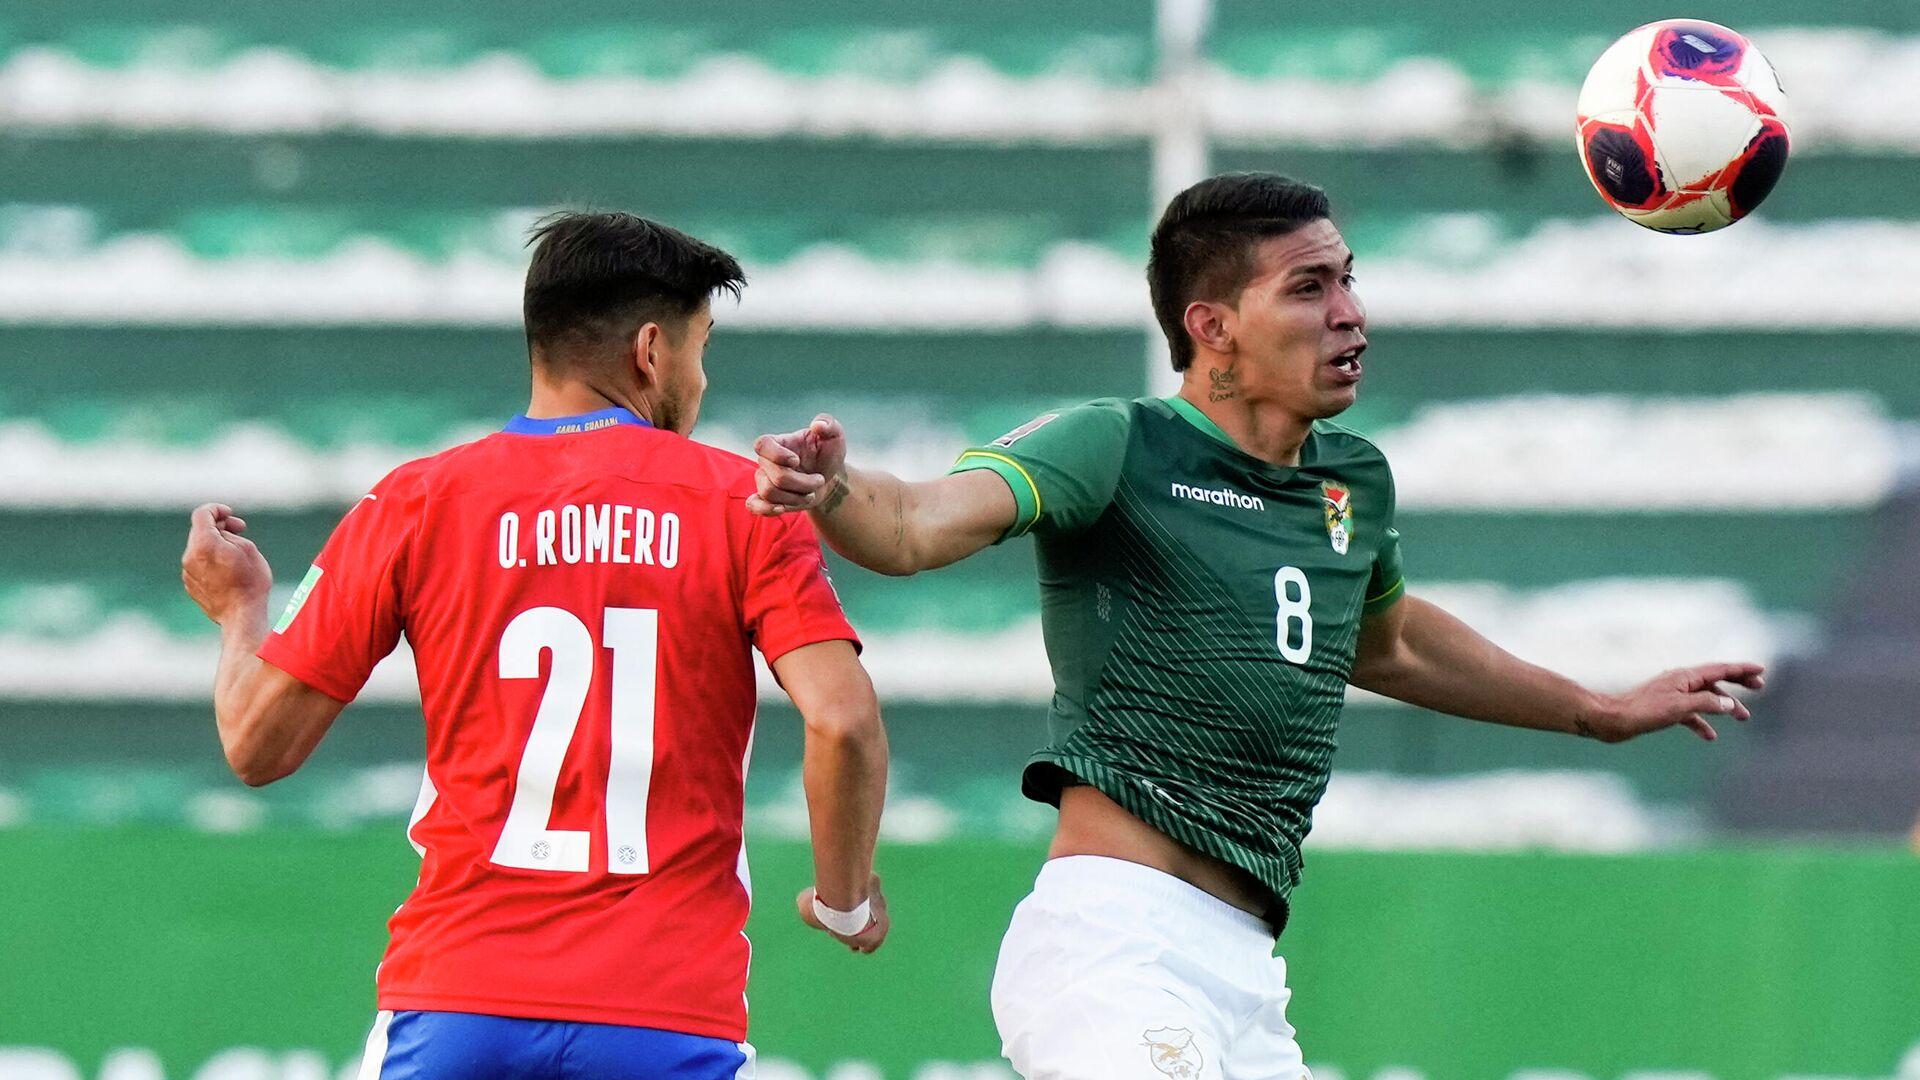 partido de clasificación para el Mundial de Catar 2022 entre Bolivia y Paraguay - Sputnik Mundo, 1920, 14.10.2021